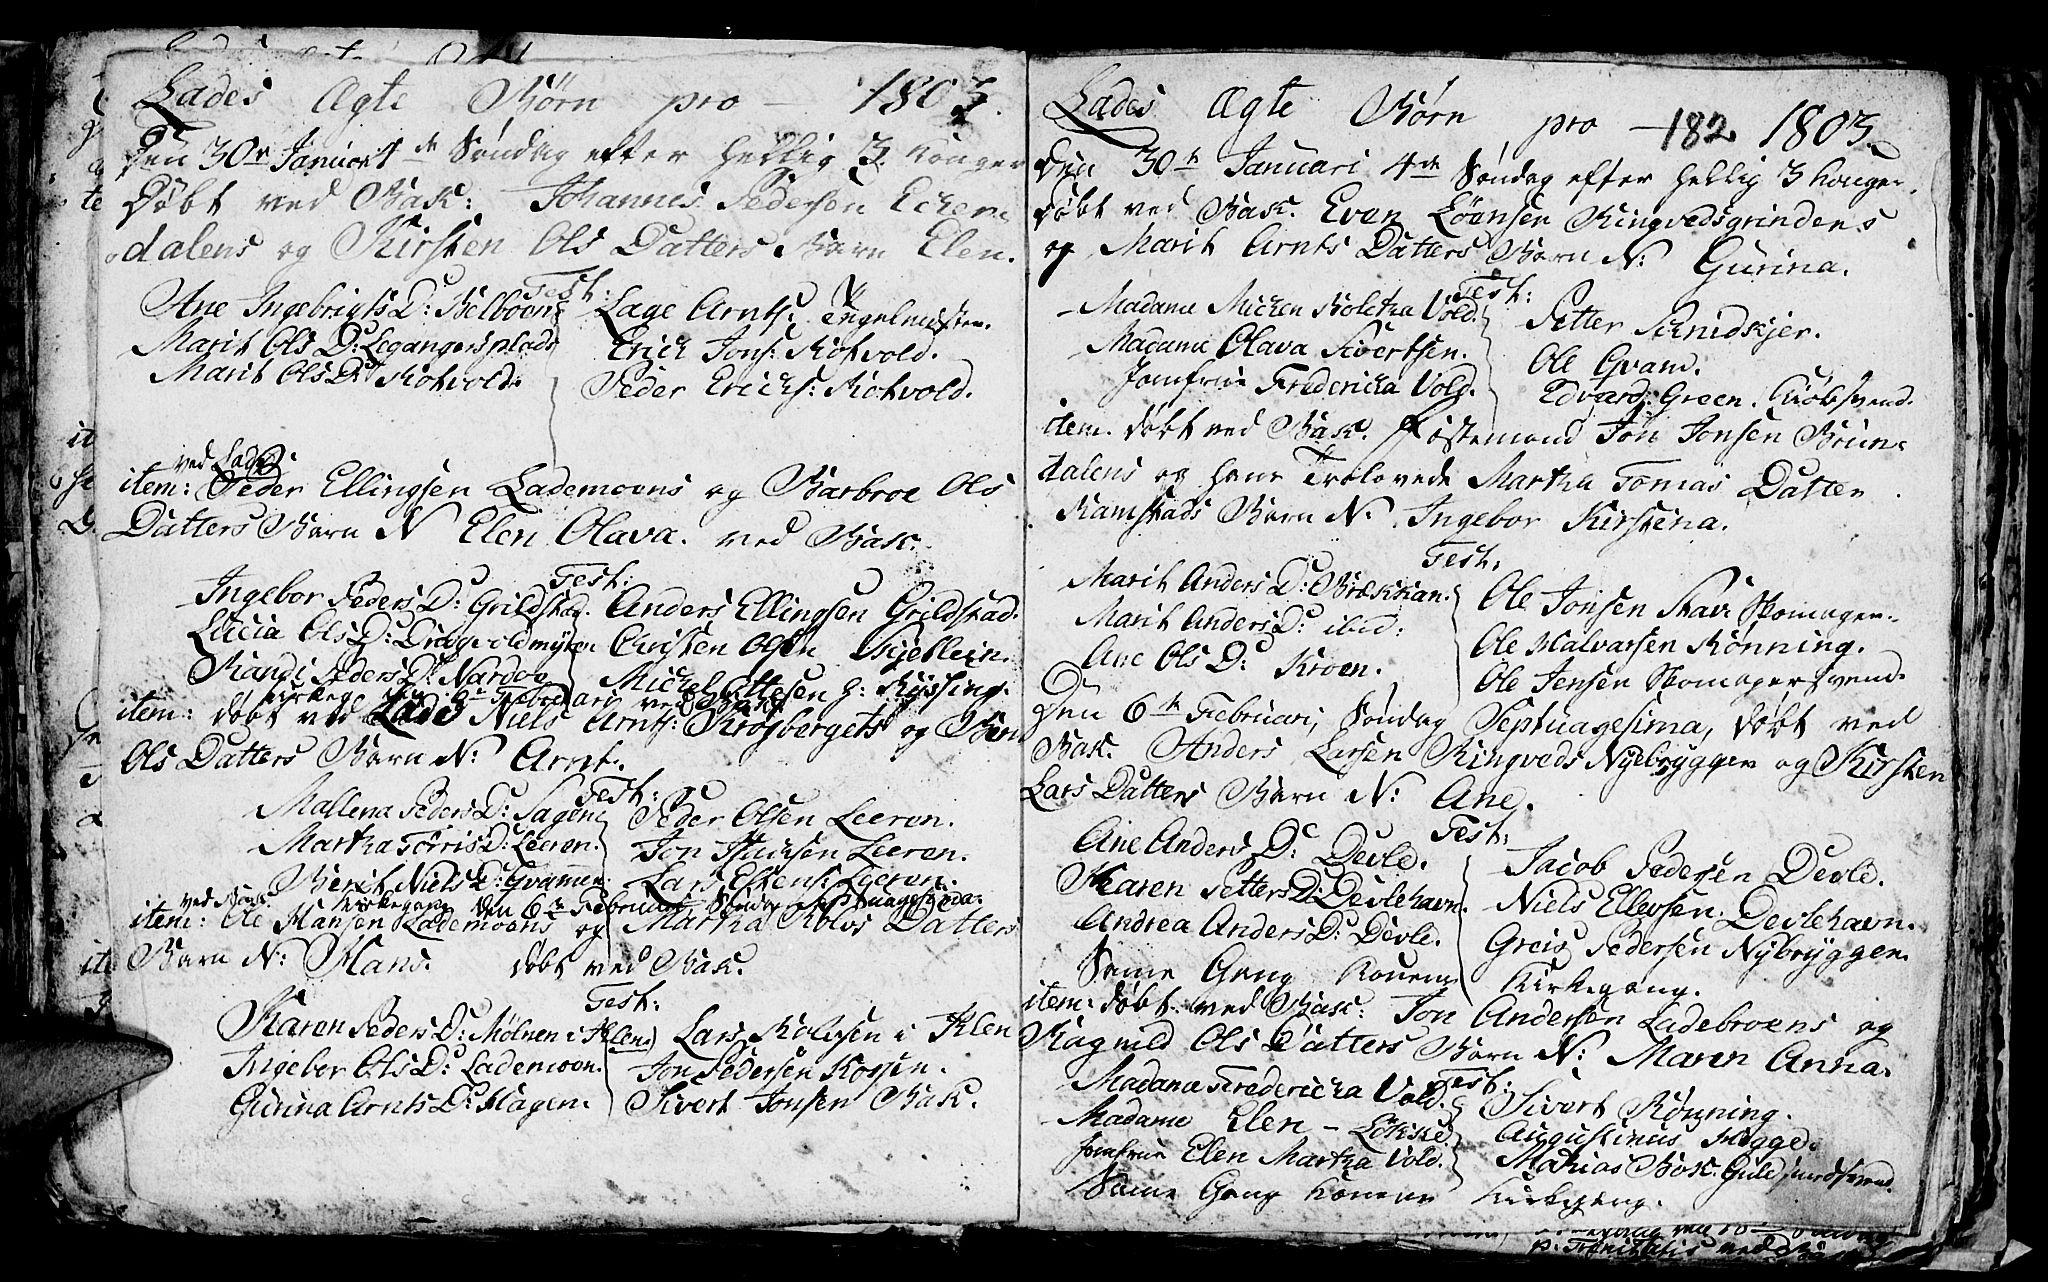 SAT, Ministerialprotokoller, klokkerbøker og fødselsregistre - Sør-Trøndelag, 606/L0305: Klokkerbok nr. 606C01, 1757-1819, s. 182